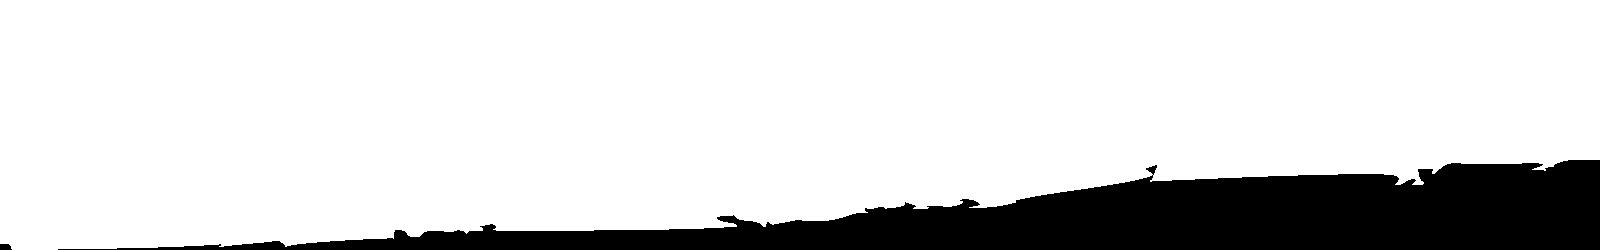 Divisoria